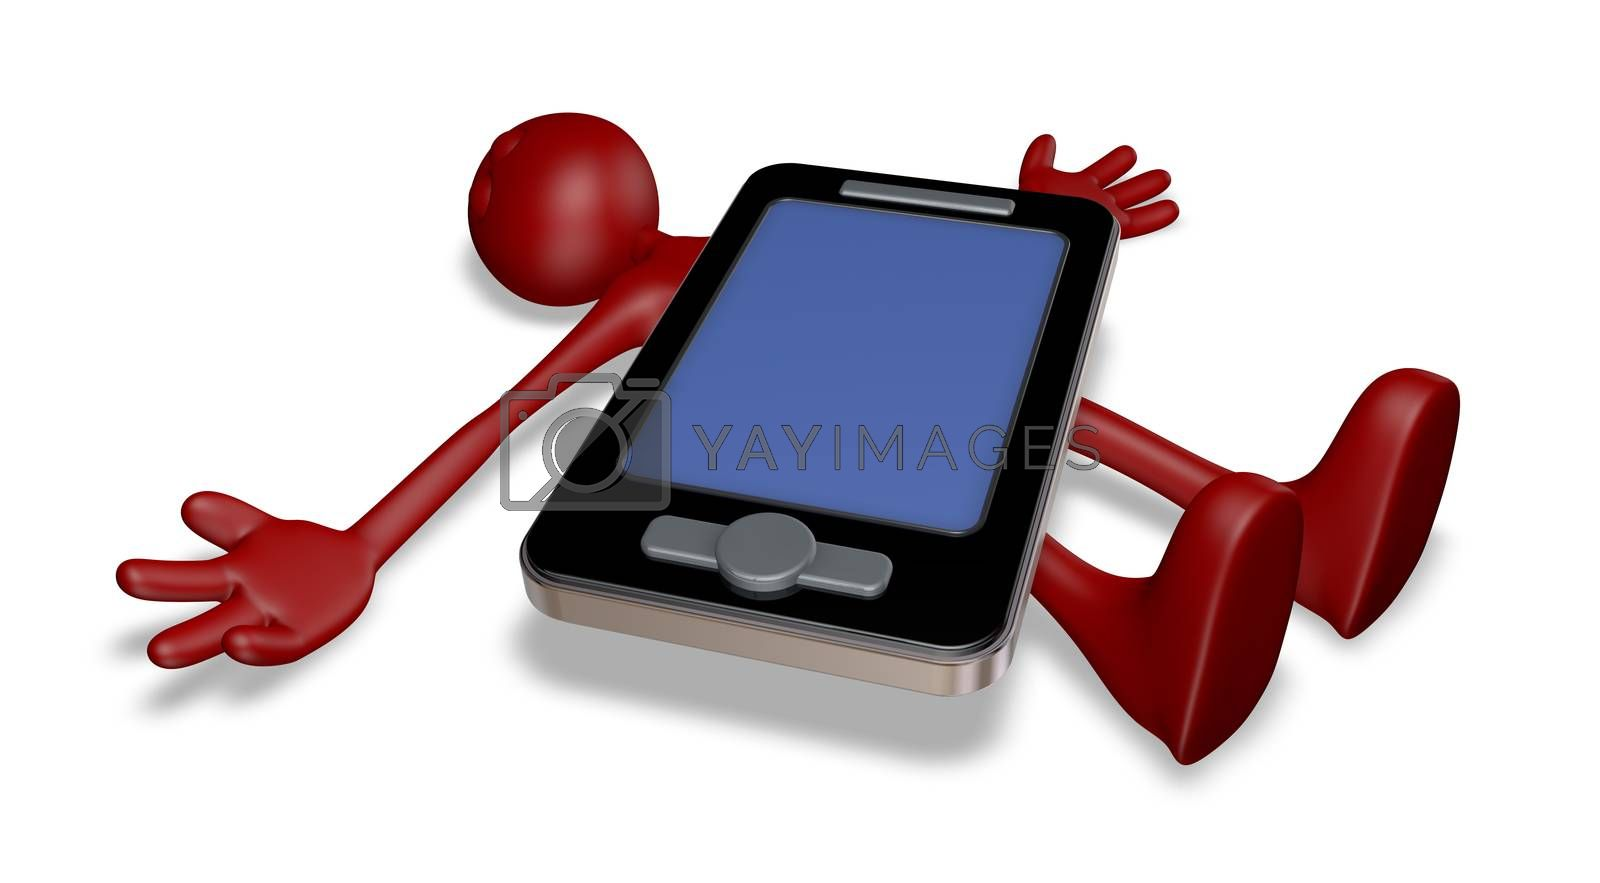 dead red guy under smartphone - 3d illustration